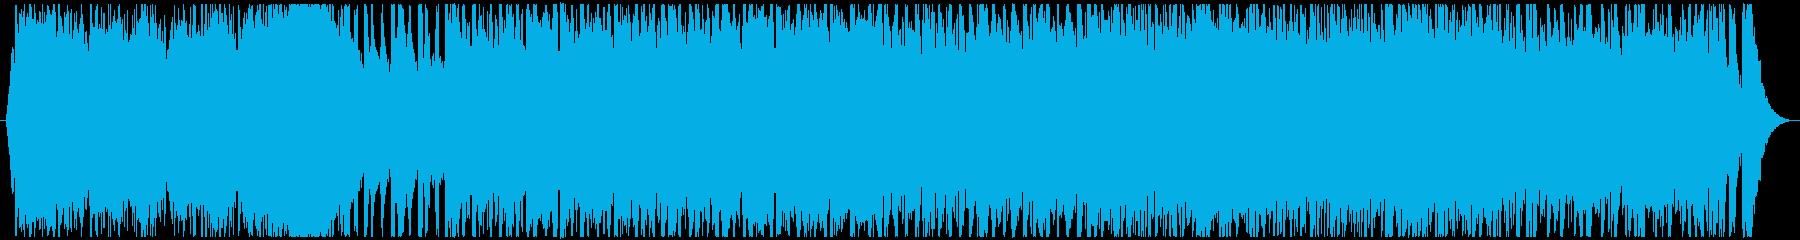 シネマティックなアジアンオーケストラの再生済みの波形